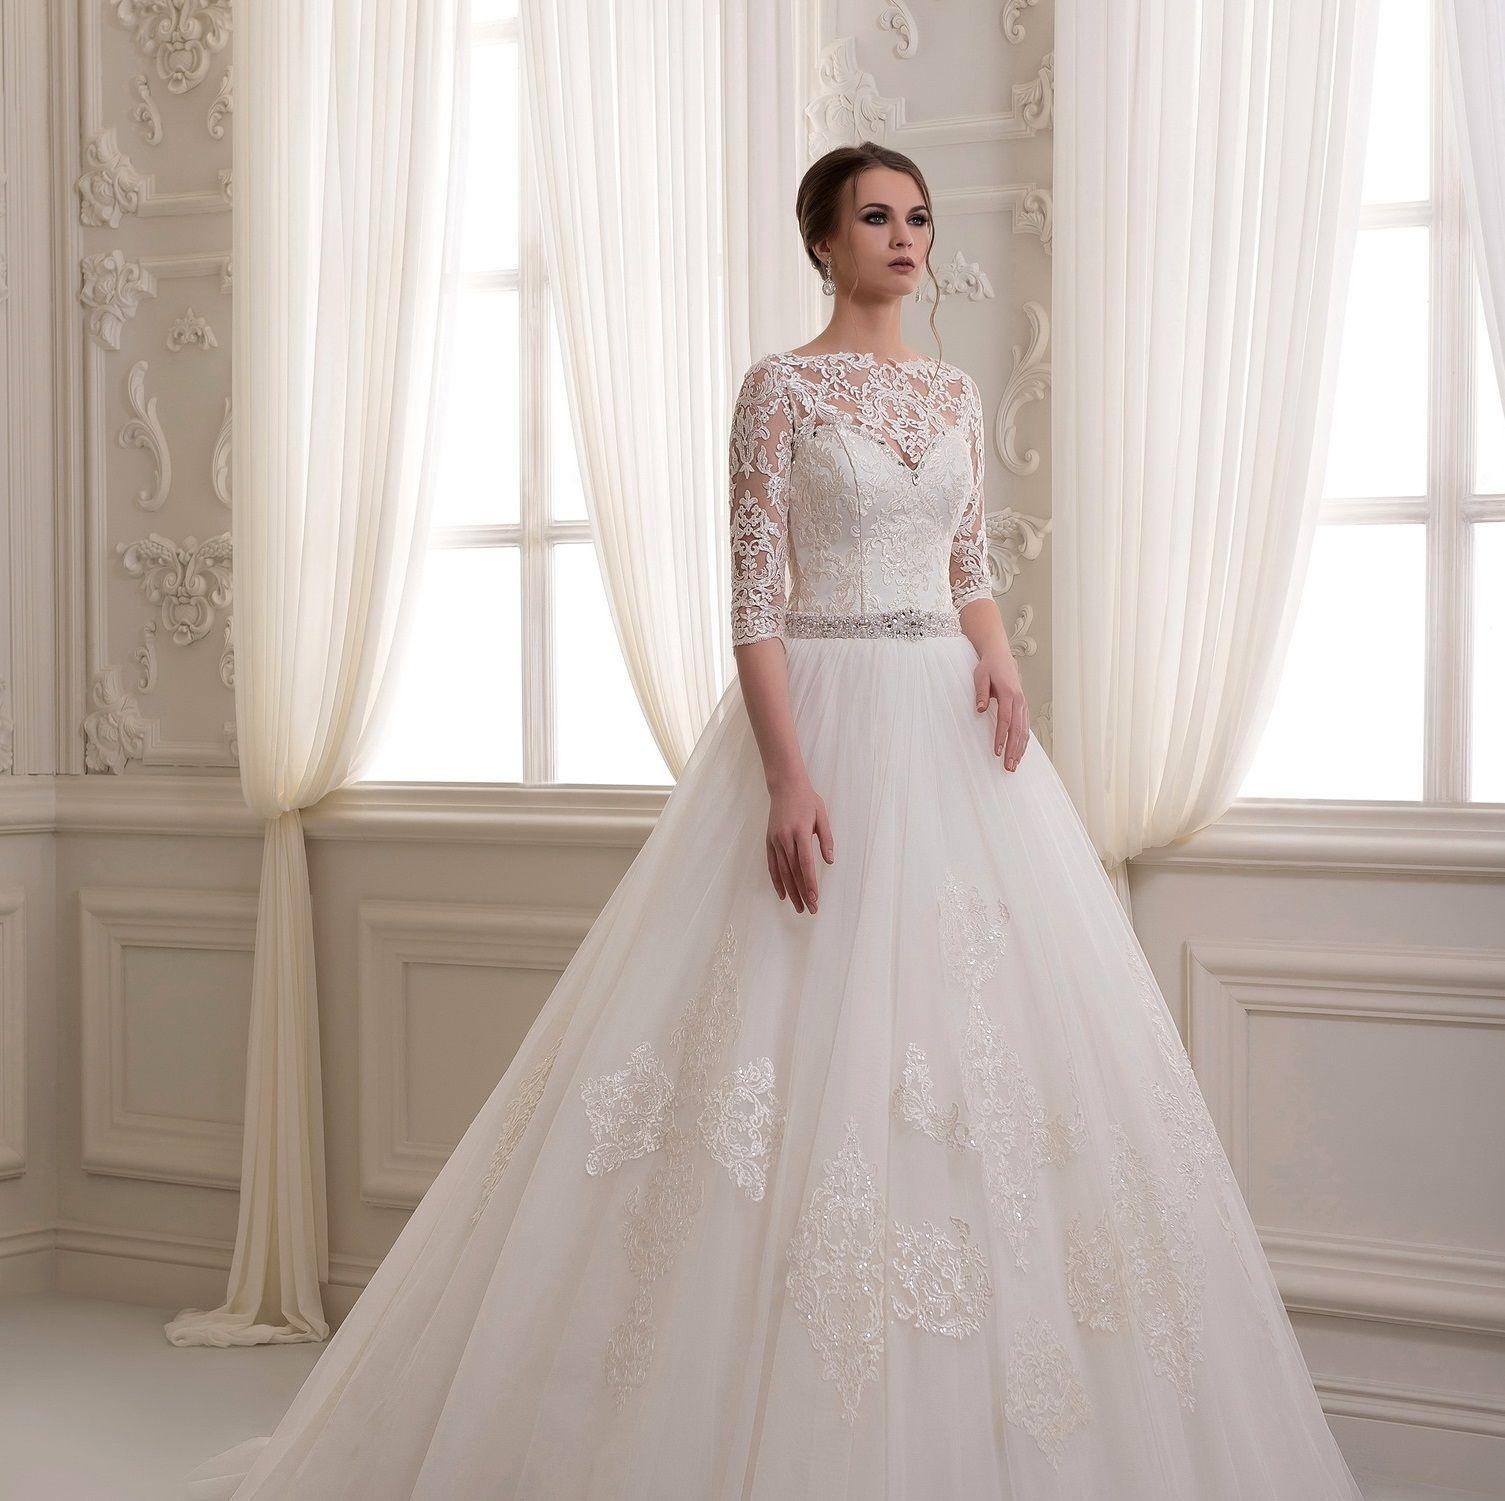 Buying A Wedding Dress UK Wedding dresses uk, Wedding